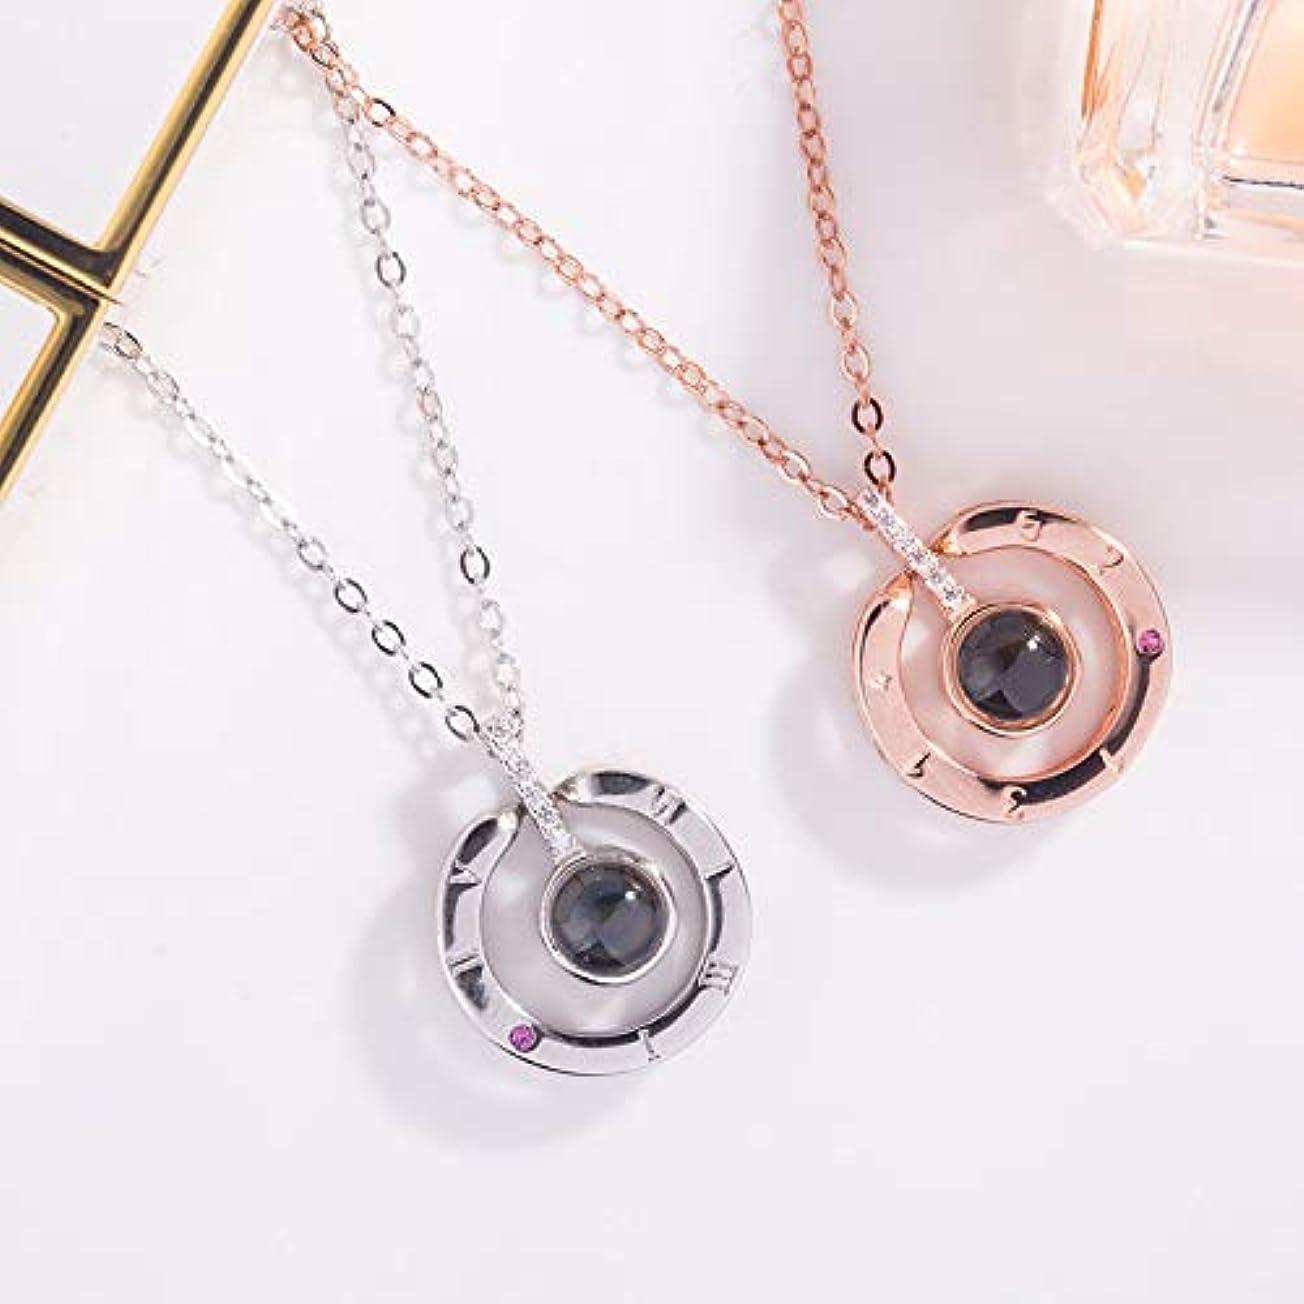 ファイアルバンドポンドHVTKLN 925純銀製のネックレス私はあなたを愛して100百の言語のペンダントの宝石愛好家のバレンタインデー HVTKLN (Color : White Golden, Size : 21X50CM)